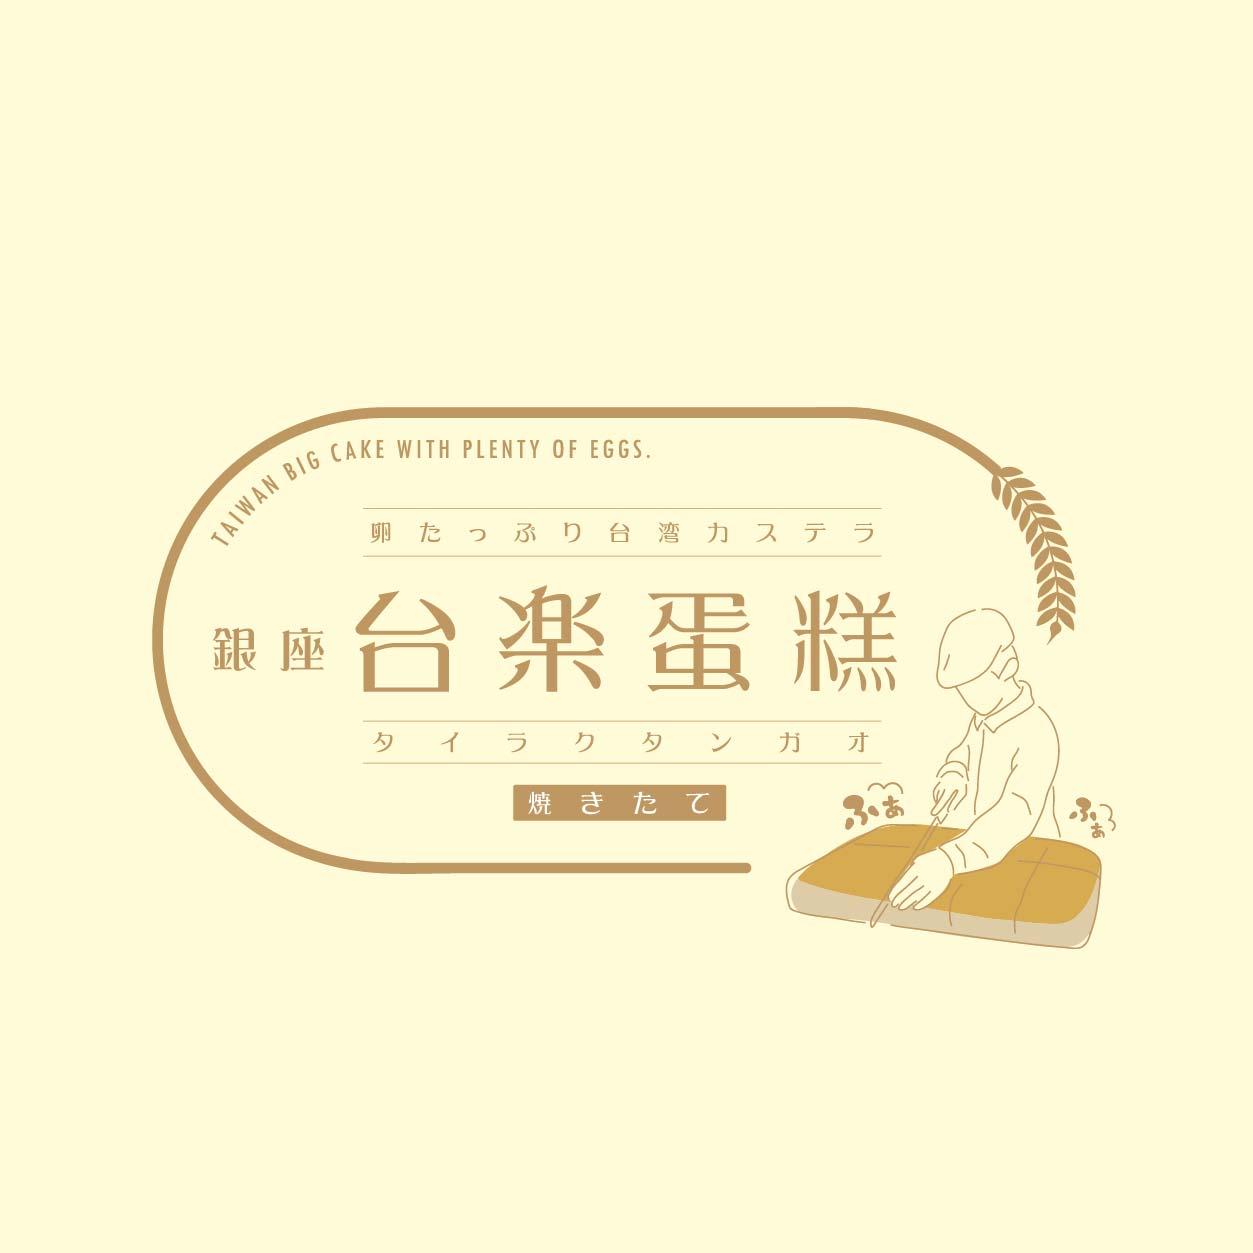 台湾カステラ専門店「台楽蛋糕」